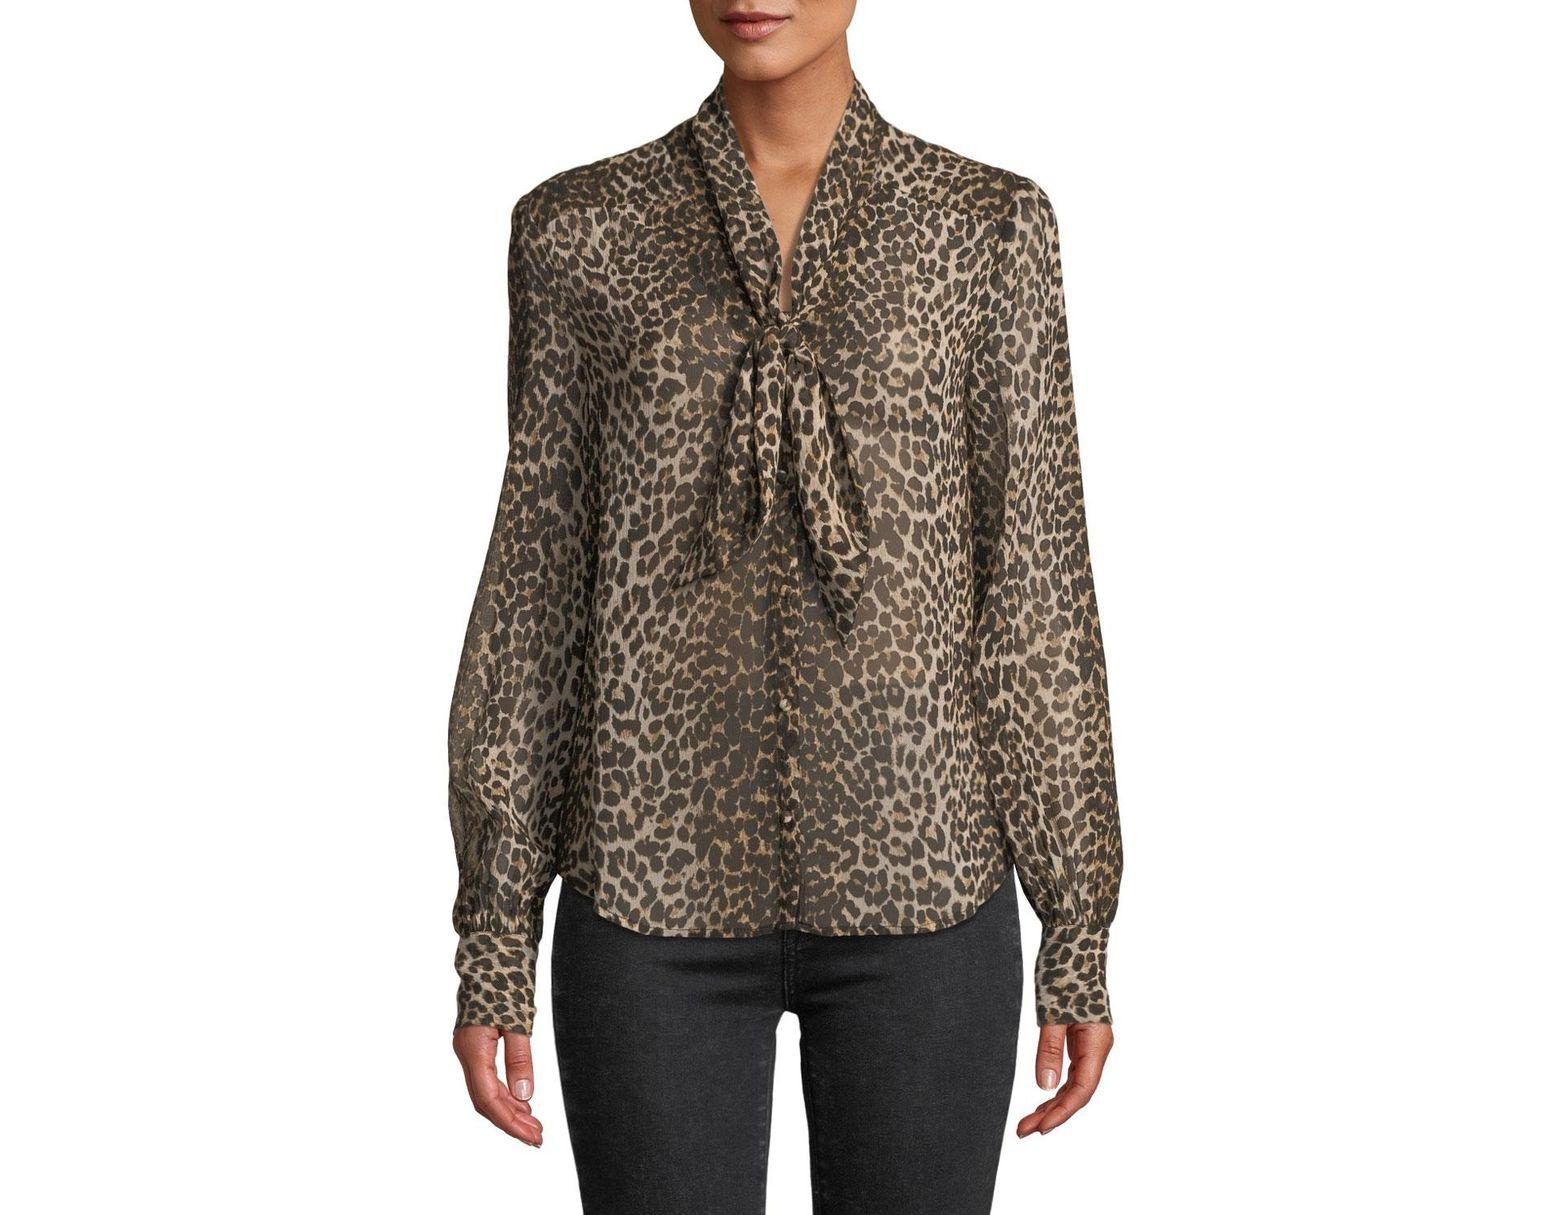 3dc69ca9107c5e PAIGE Cleobelle Leopard-print Tie-neck Blouse in Brown - Lyst